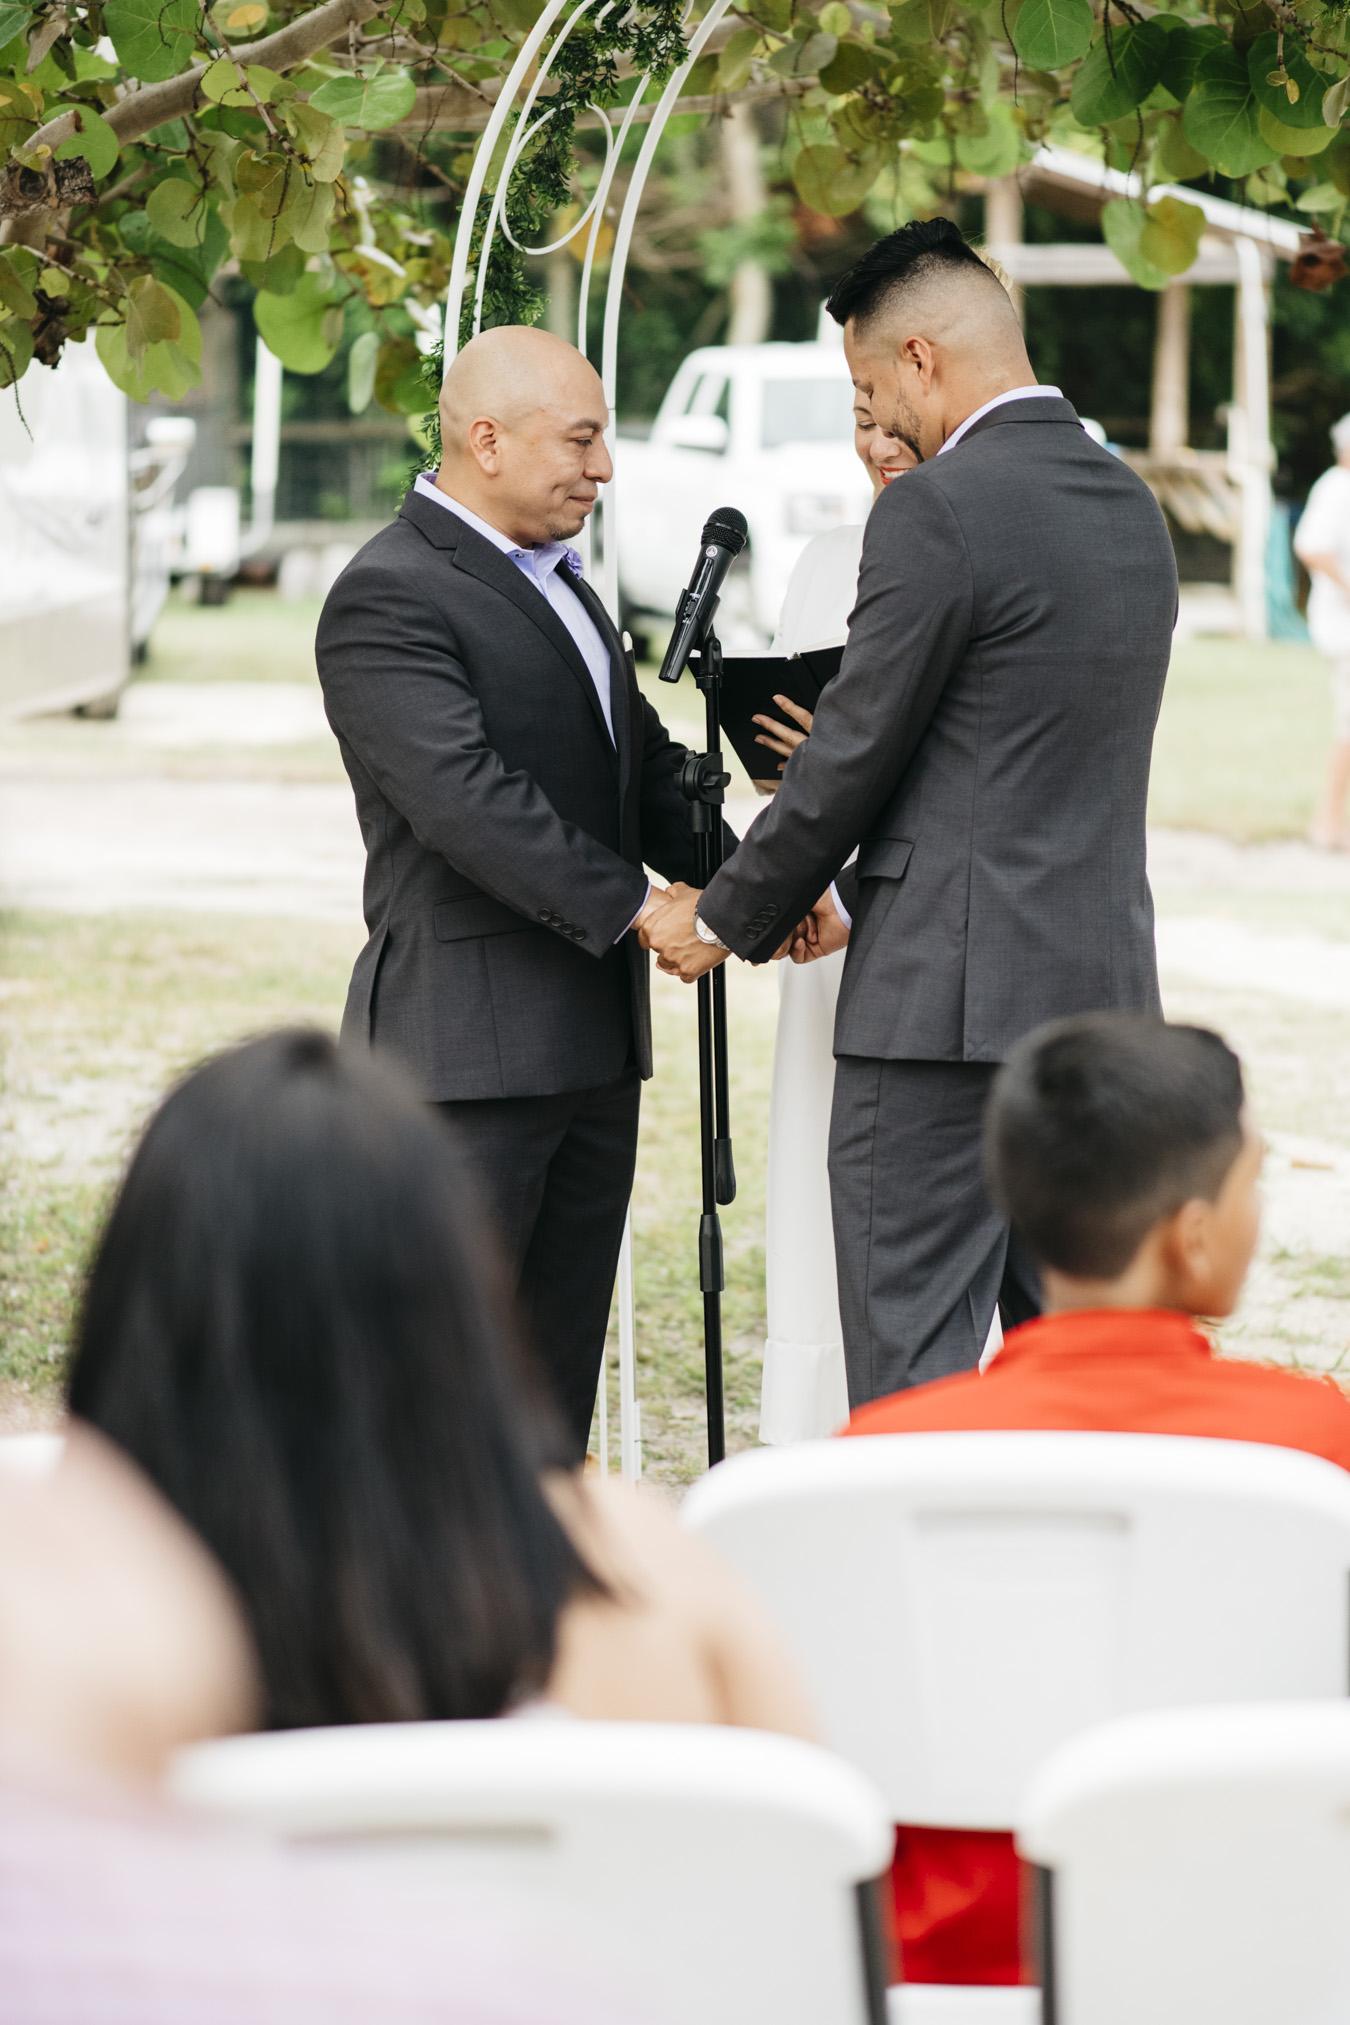 Gino_Jose_Sarasota_FL_Wedding_June_23_2018-31.jpg